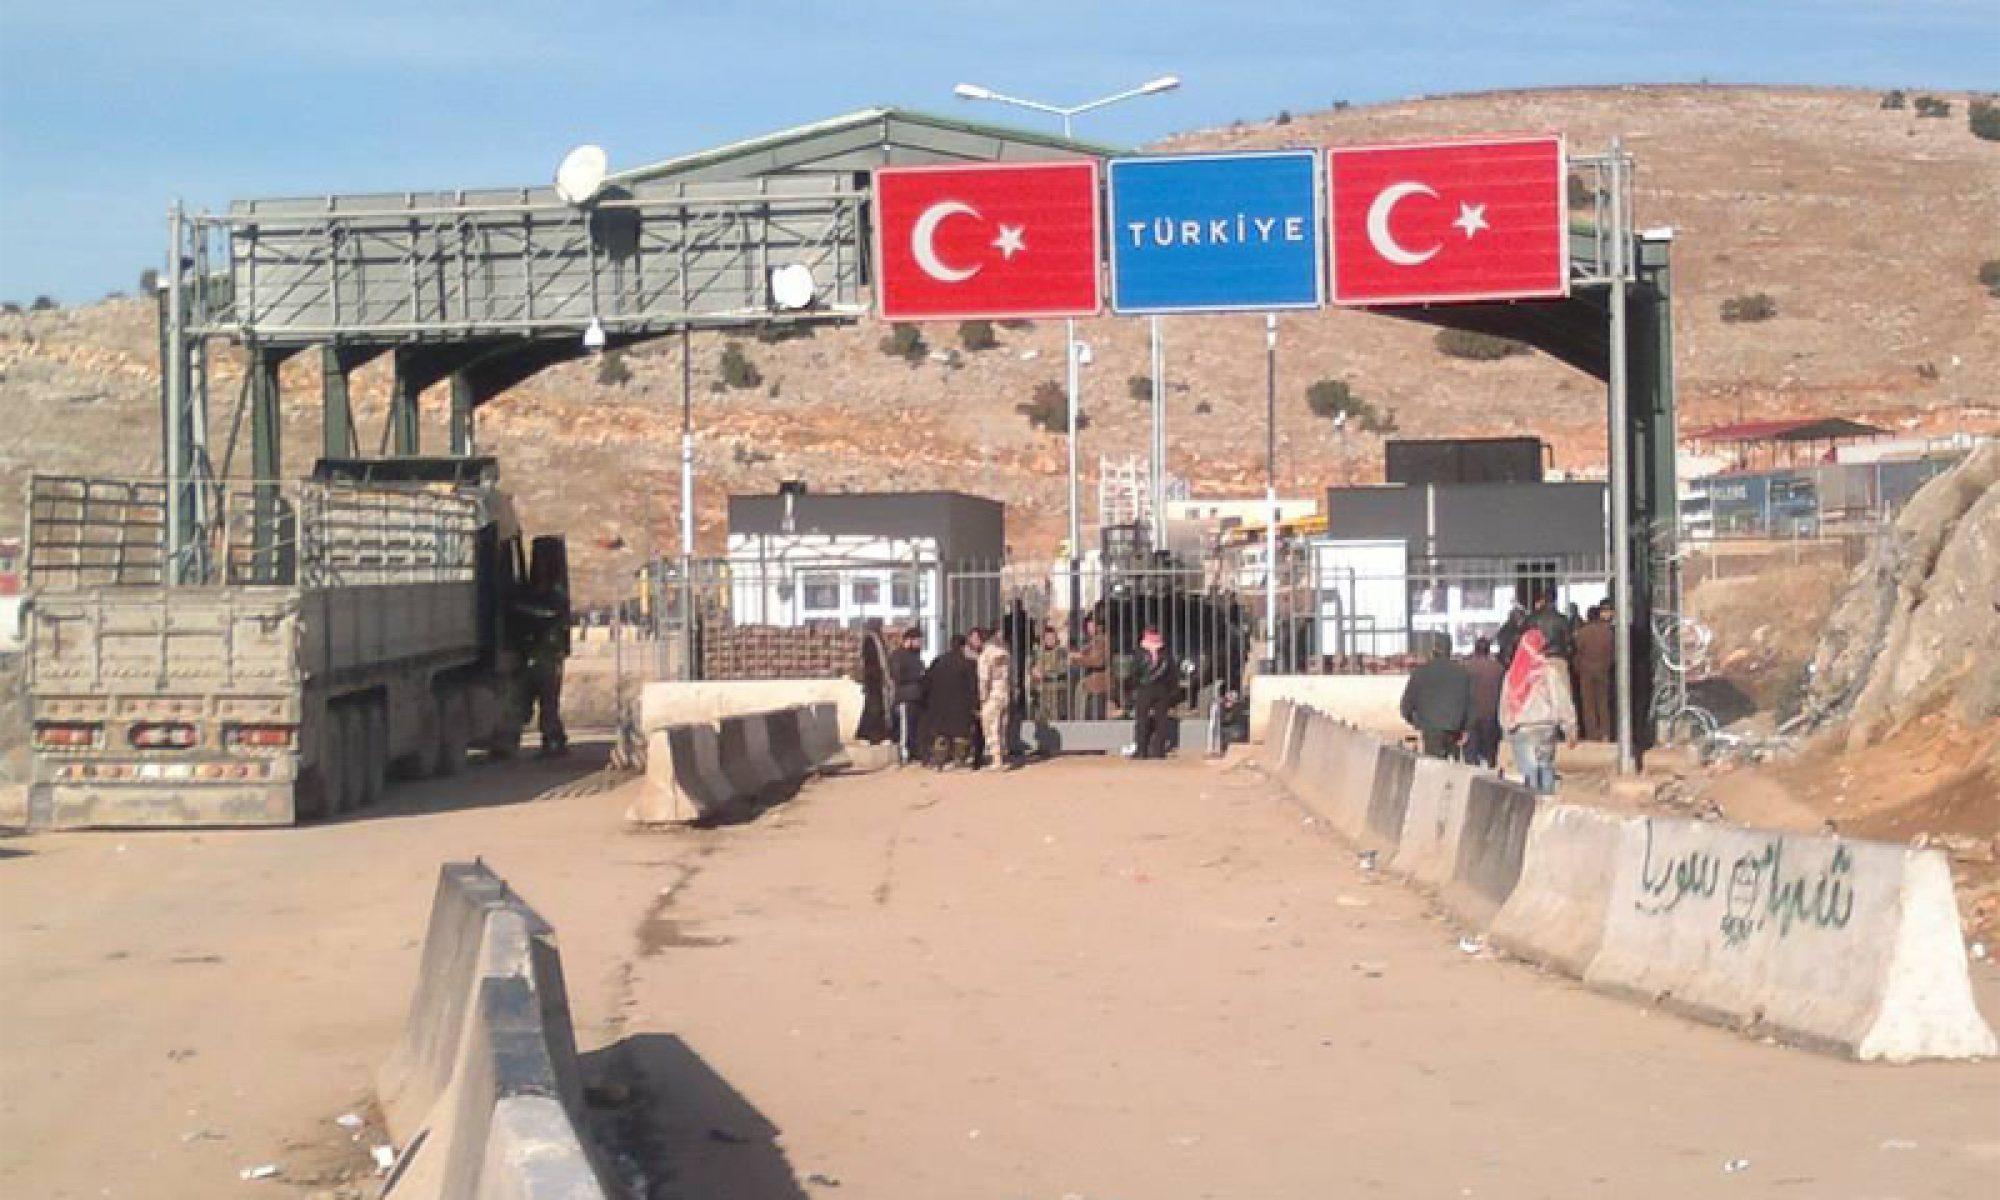 BMGK'nin Babul Hewa sınır kapısına Rojava Özerk Yönetiminden tepki: BM Türkiye'nin savaş suçlarını meşrulaştırıyor